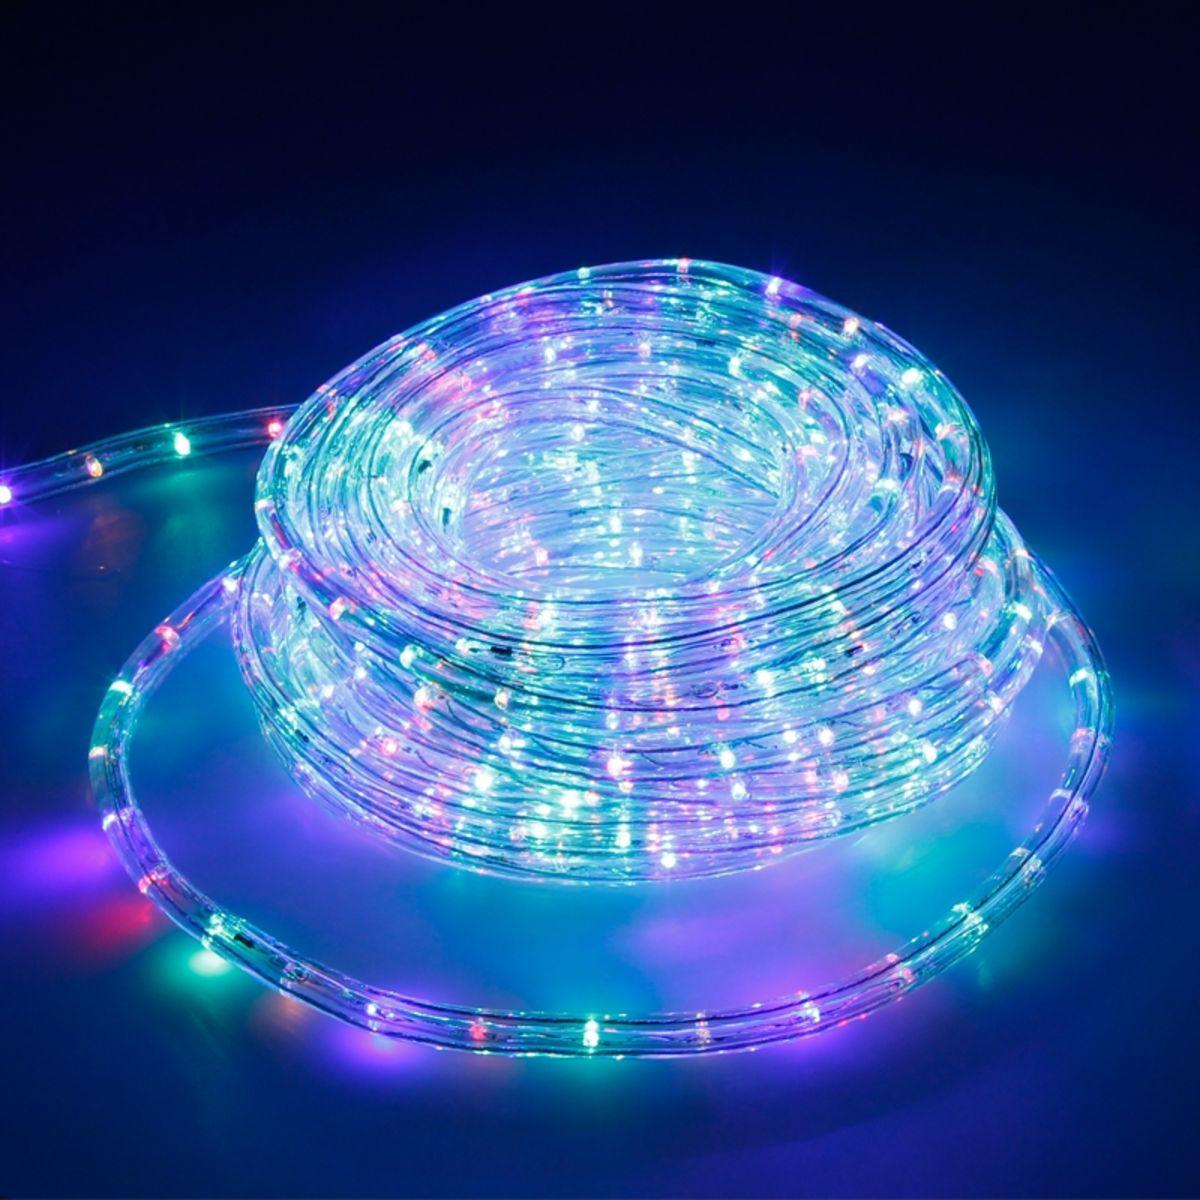 Ecd Germany ECD Germany LED RGB Tube Lumière Guirlande 20m - 23 W CA 220-240V - 1407 Lumens - Bandes de LED de Noël pour Intérieur /